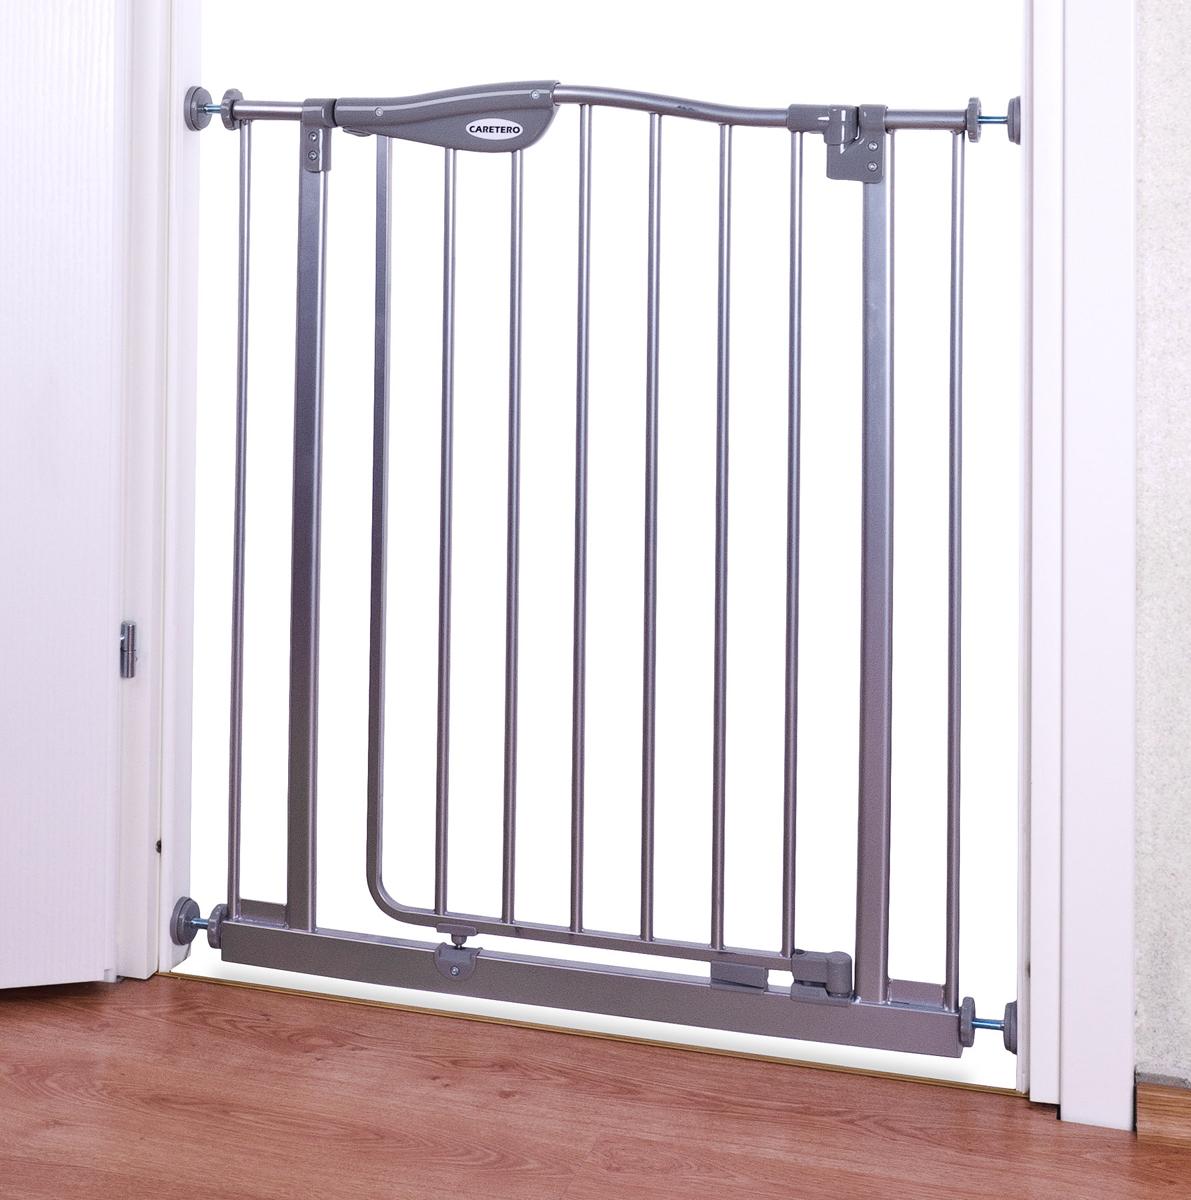 Caretero Дополнительная секция для ворот безопасности 18 см -  Блокирующие и защитные устройства